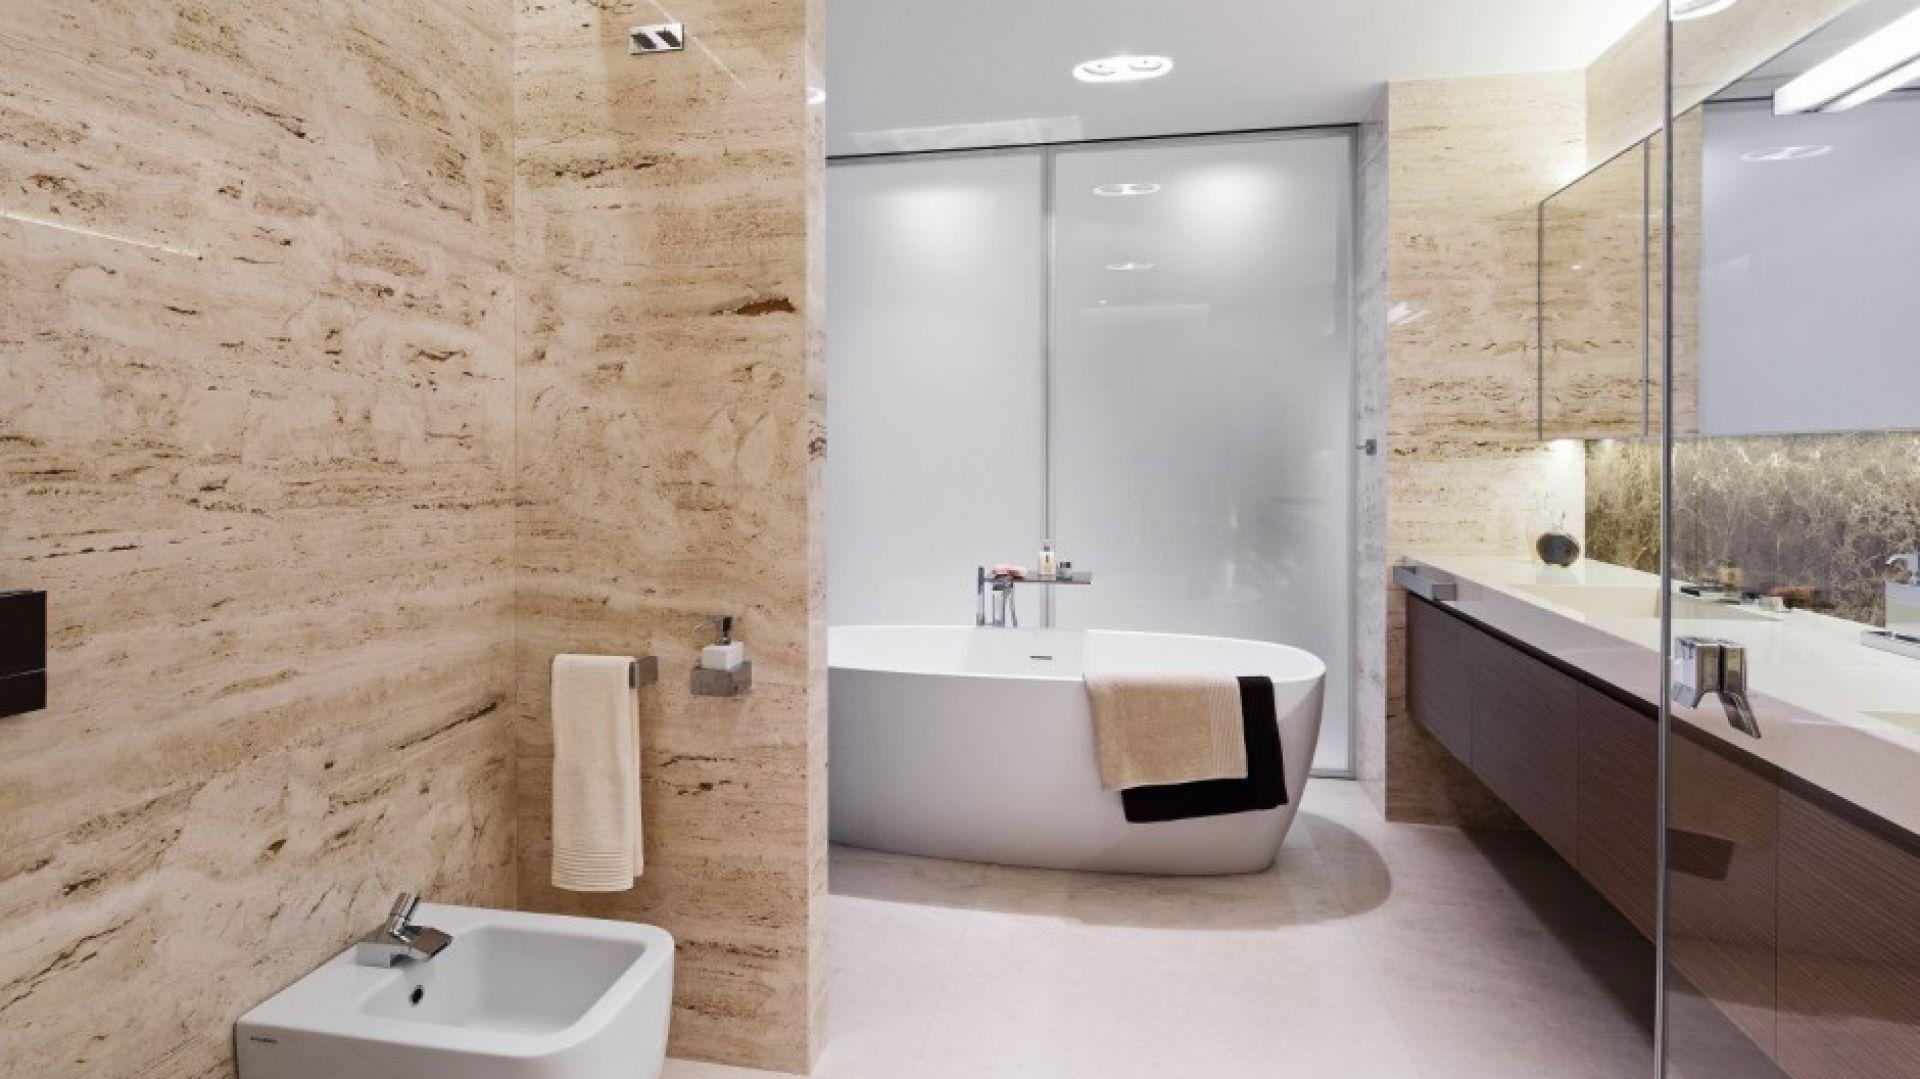 Duża wanna to wygodne rozwiązanie kąpielowe w przestronnej łazience. Kamienne ściany nie wyglądają zbyt ciężko dzięki piaskowej barwie. Projekt: Anna Fodemska. Fot. Bartosz Jarosz